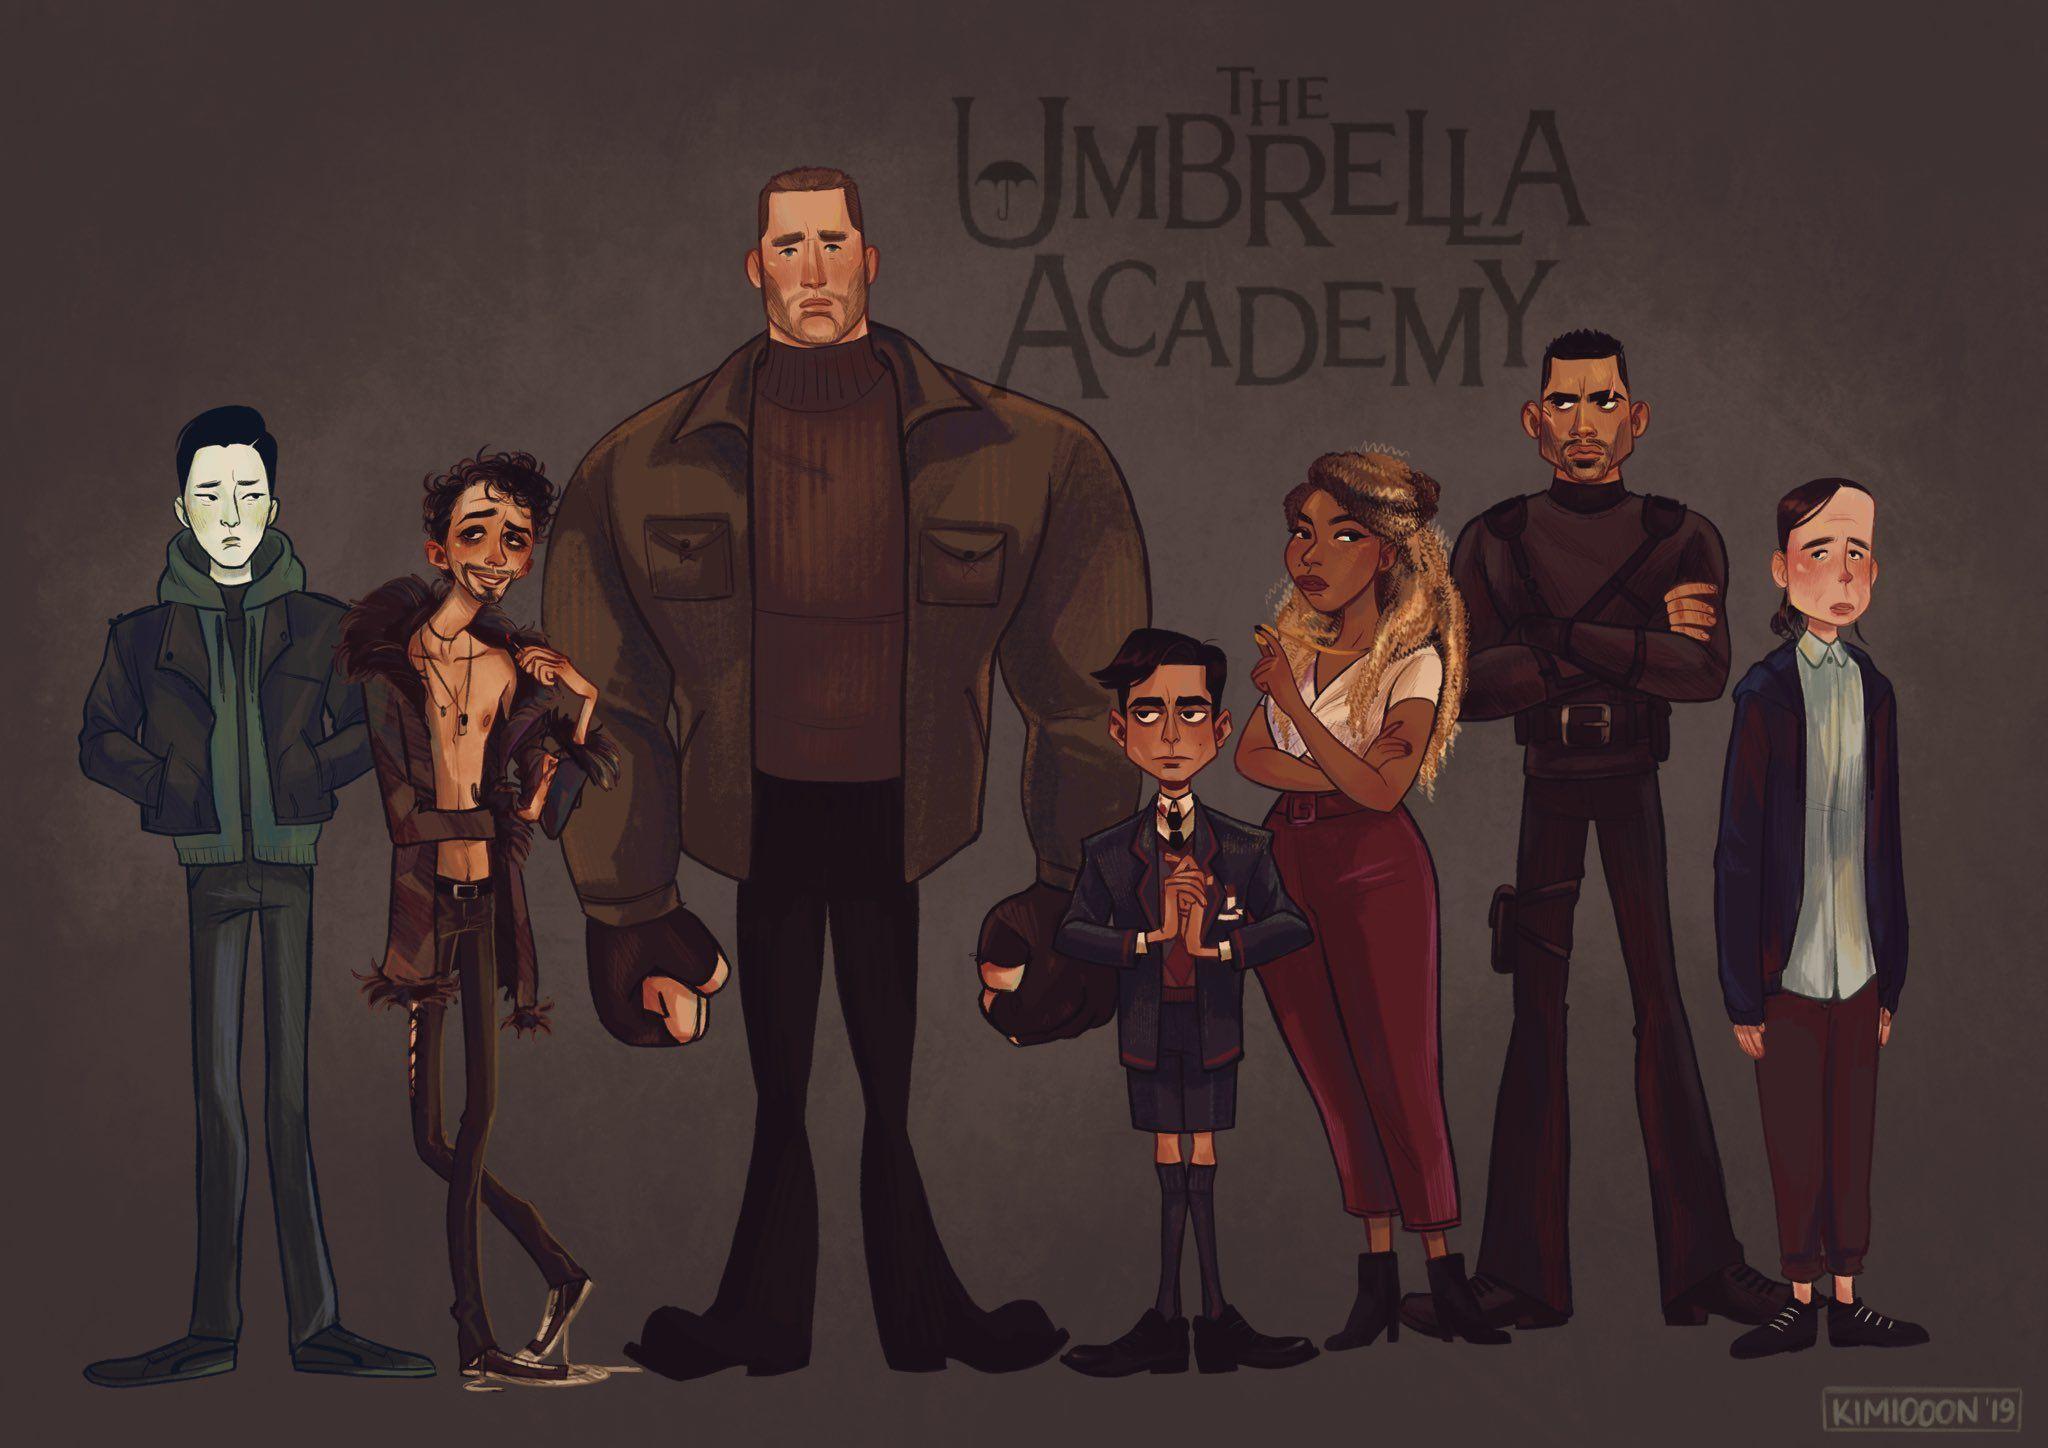 Академия амбрелла пятый картинки